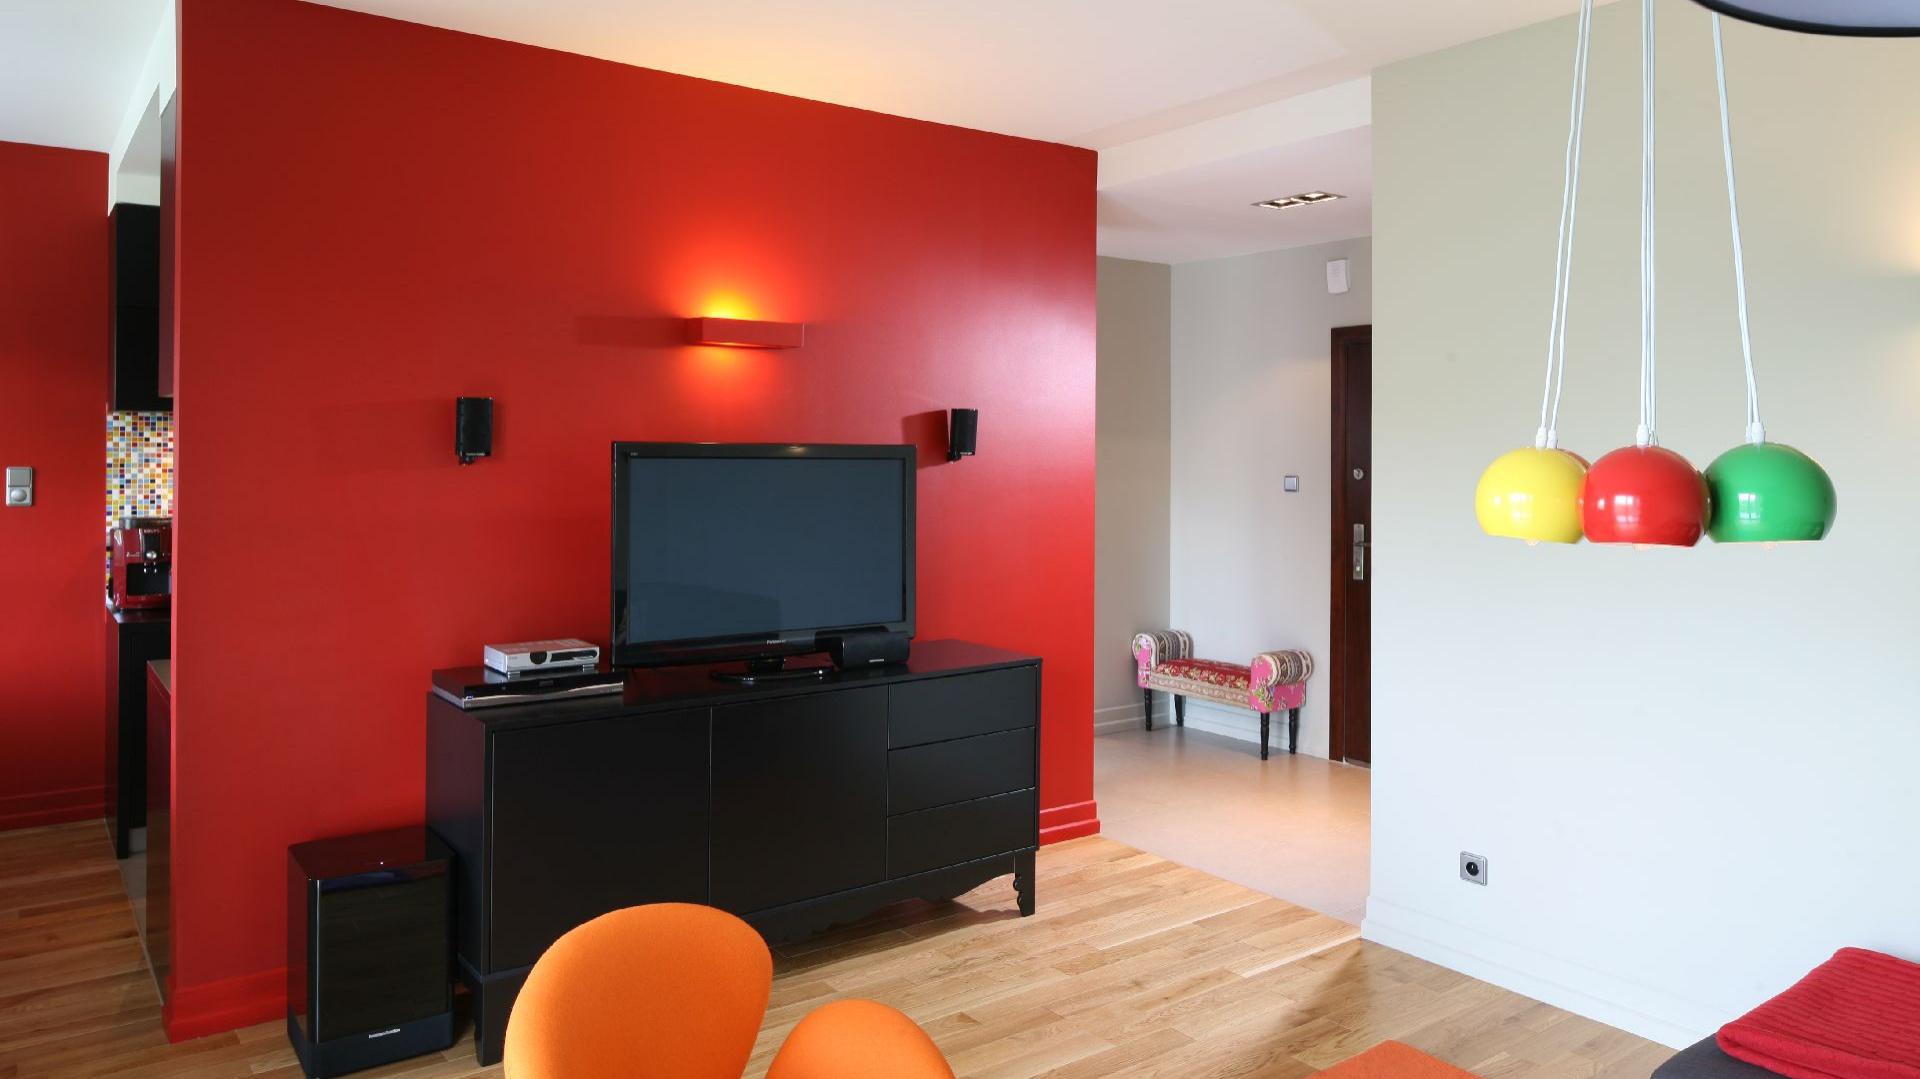 Ognista czerwień zagościła na ścianie telewizyjnej w tym nowoczesnym, pełnym życia mieszkaniu. Proj. wnętrza Dorota Szafrańska. Fot. Bartosz Jarosz.